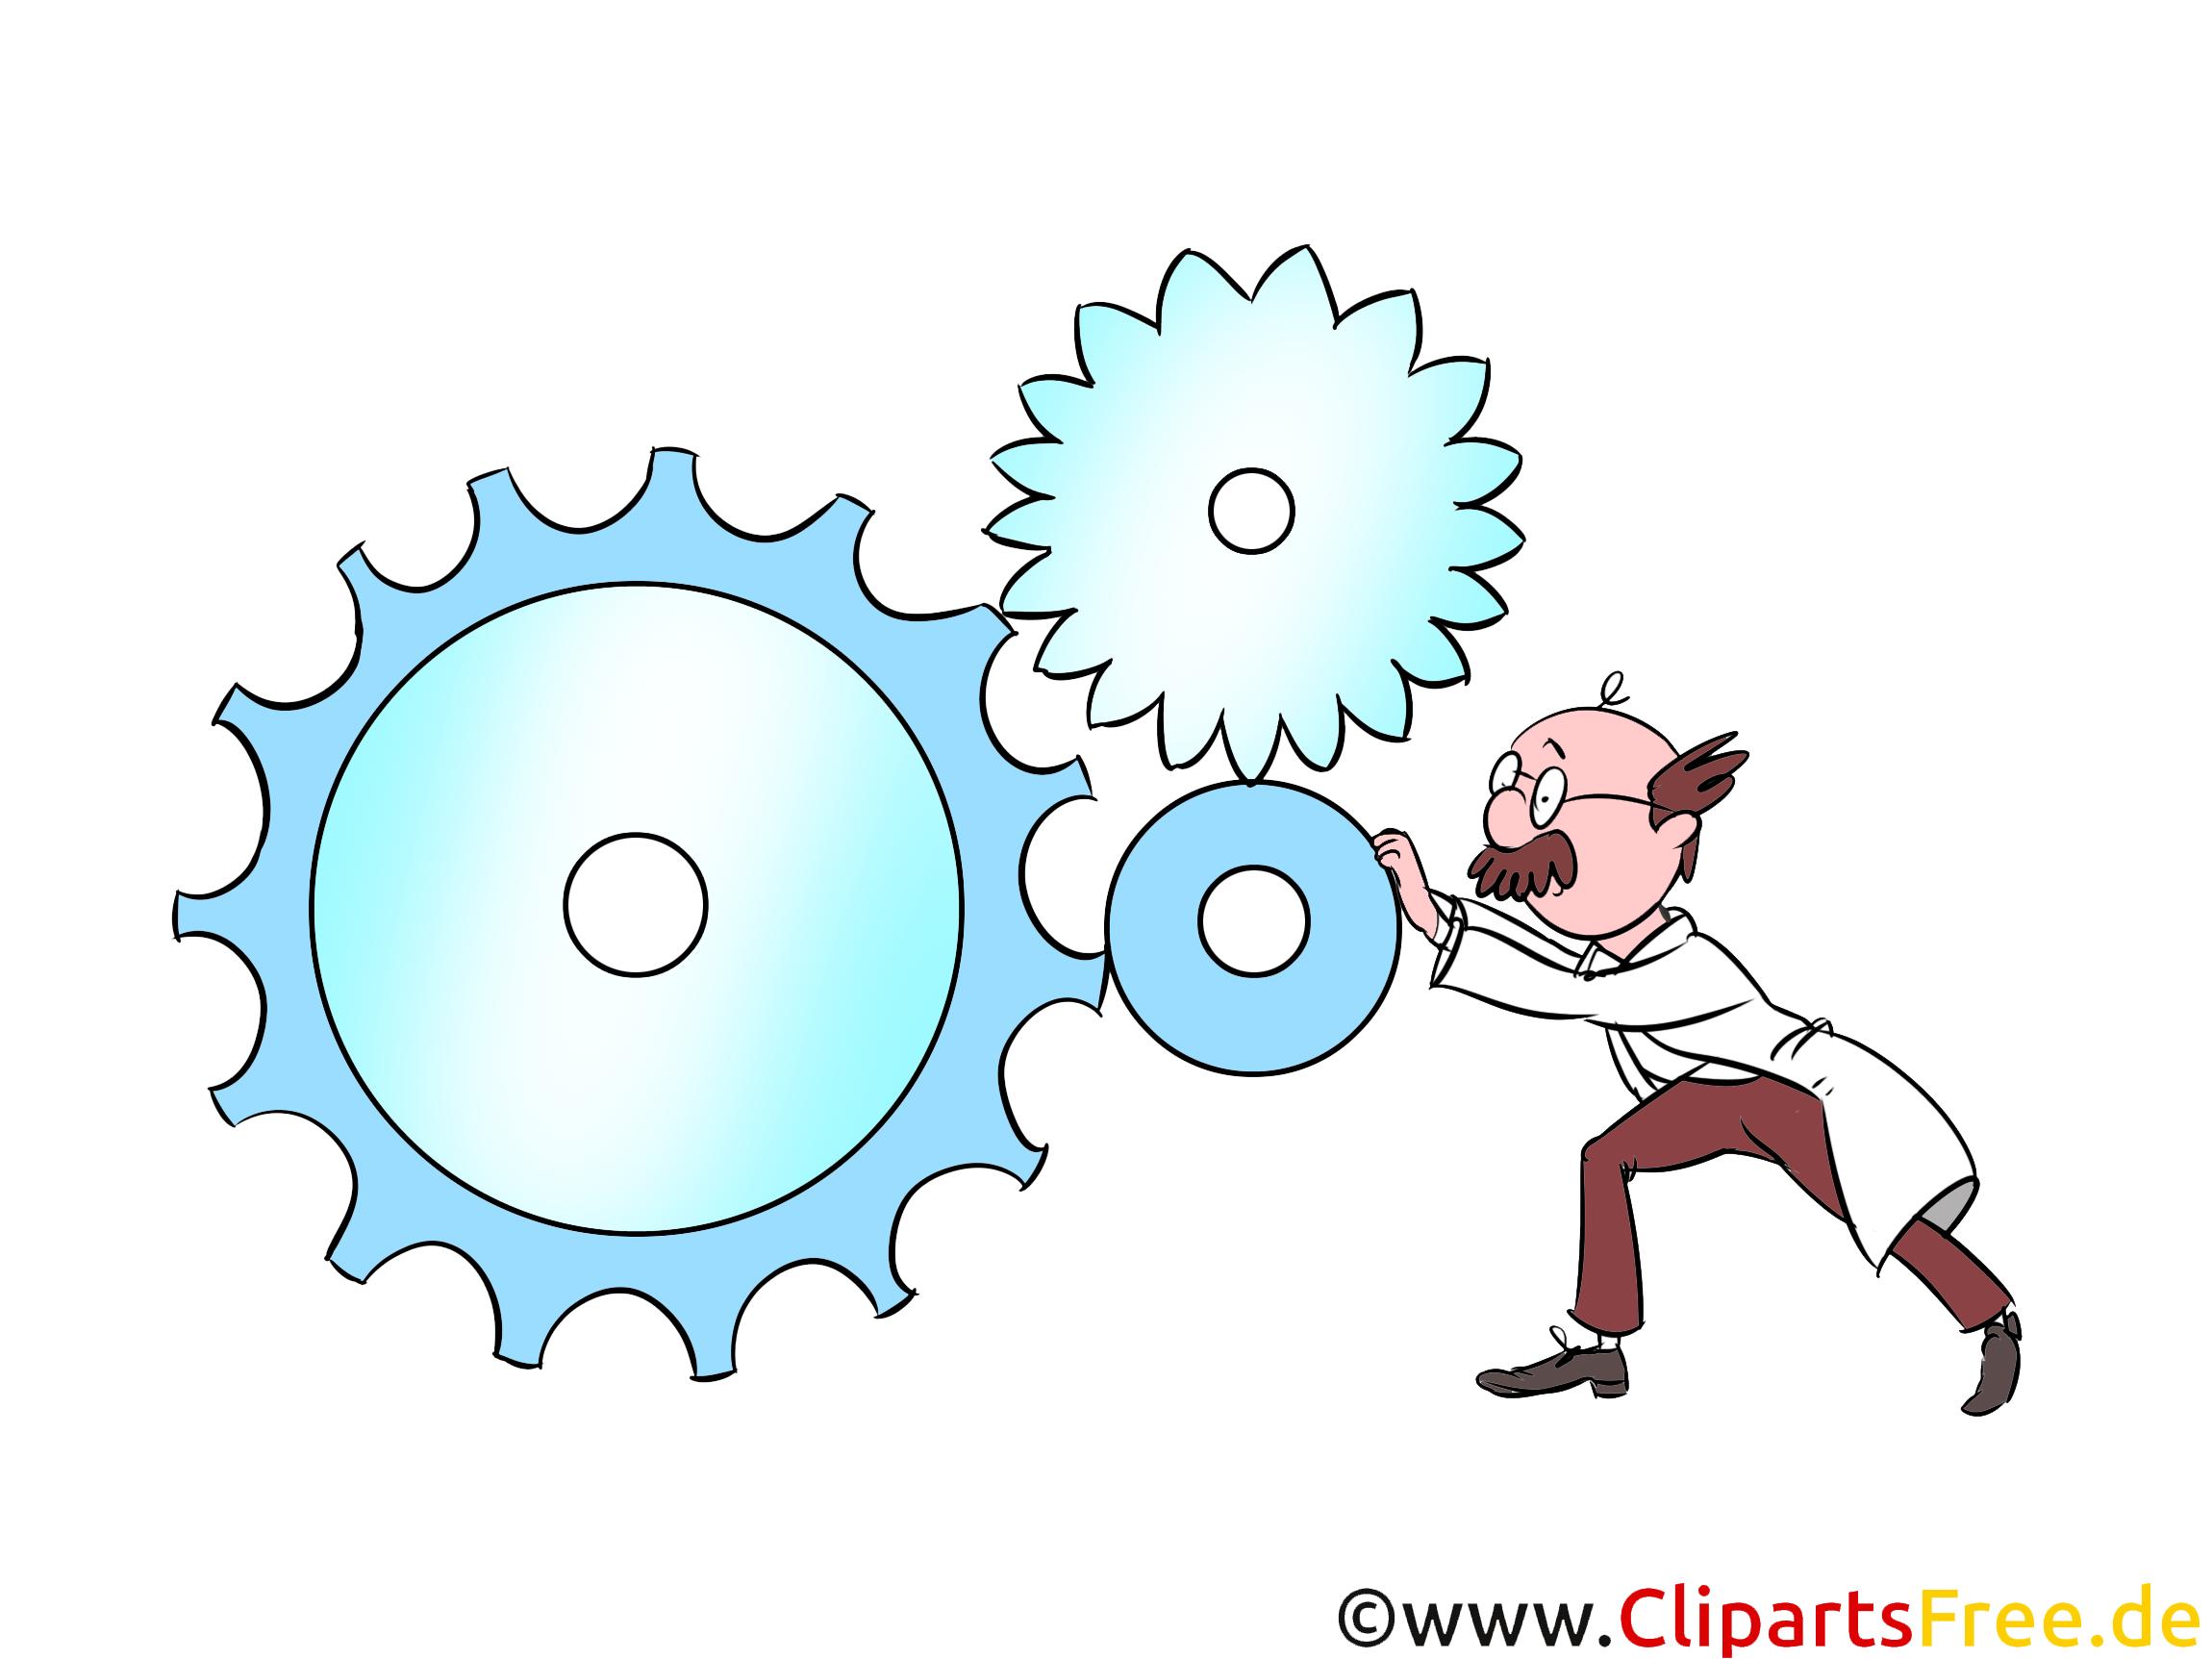 Prozess Clip-Art und Illustrationen kostenlos zum Downloaden